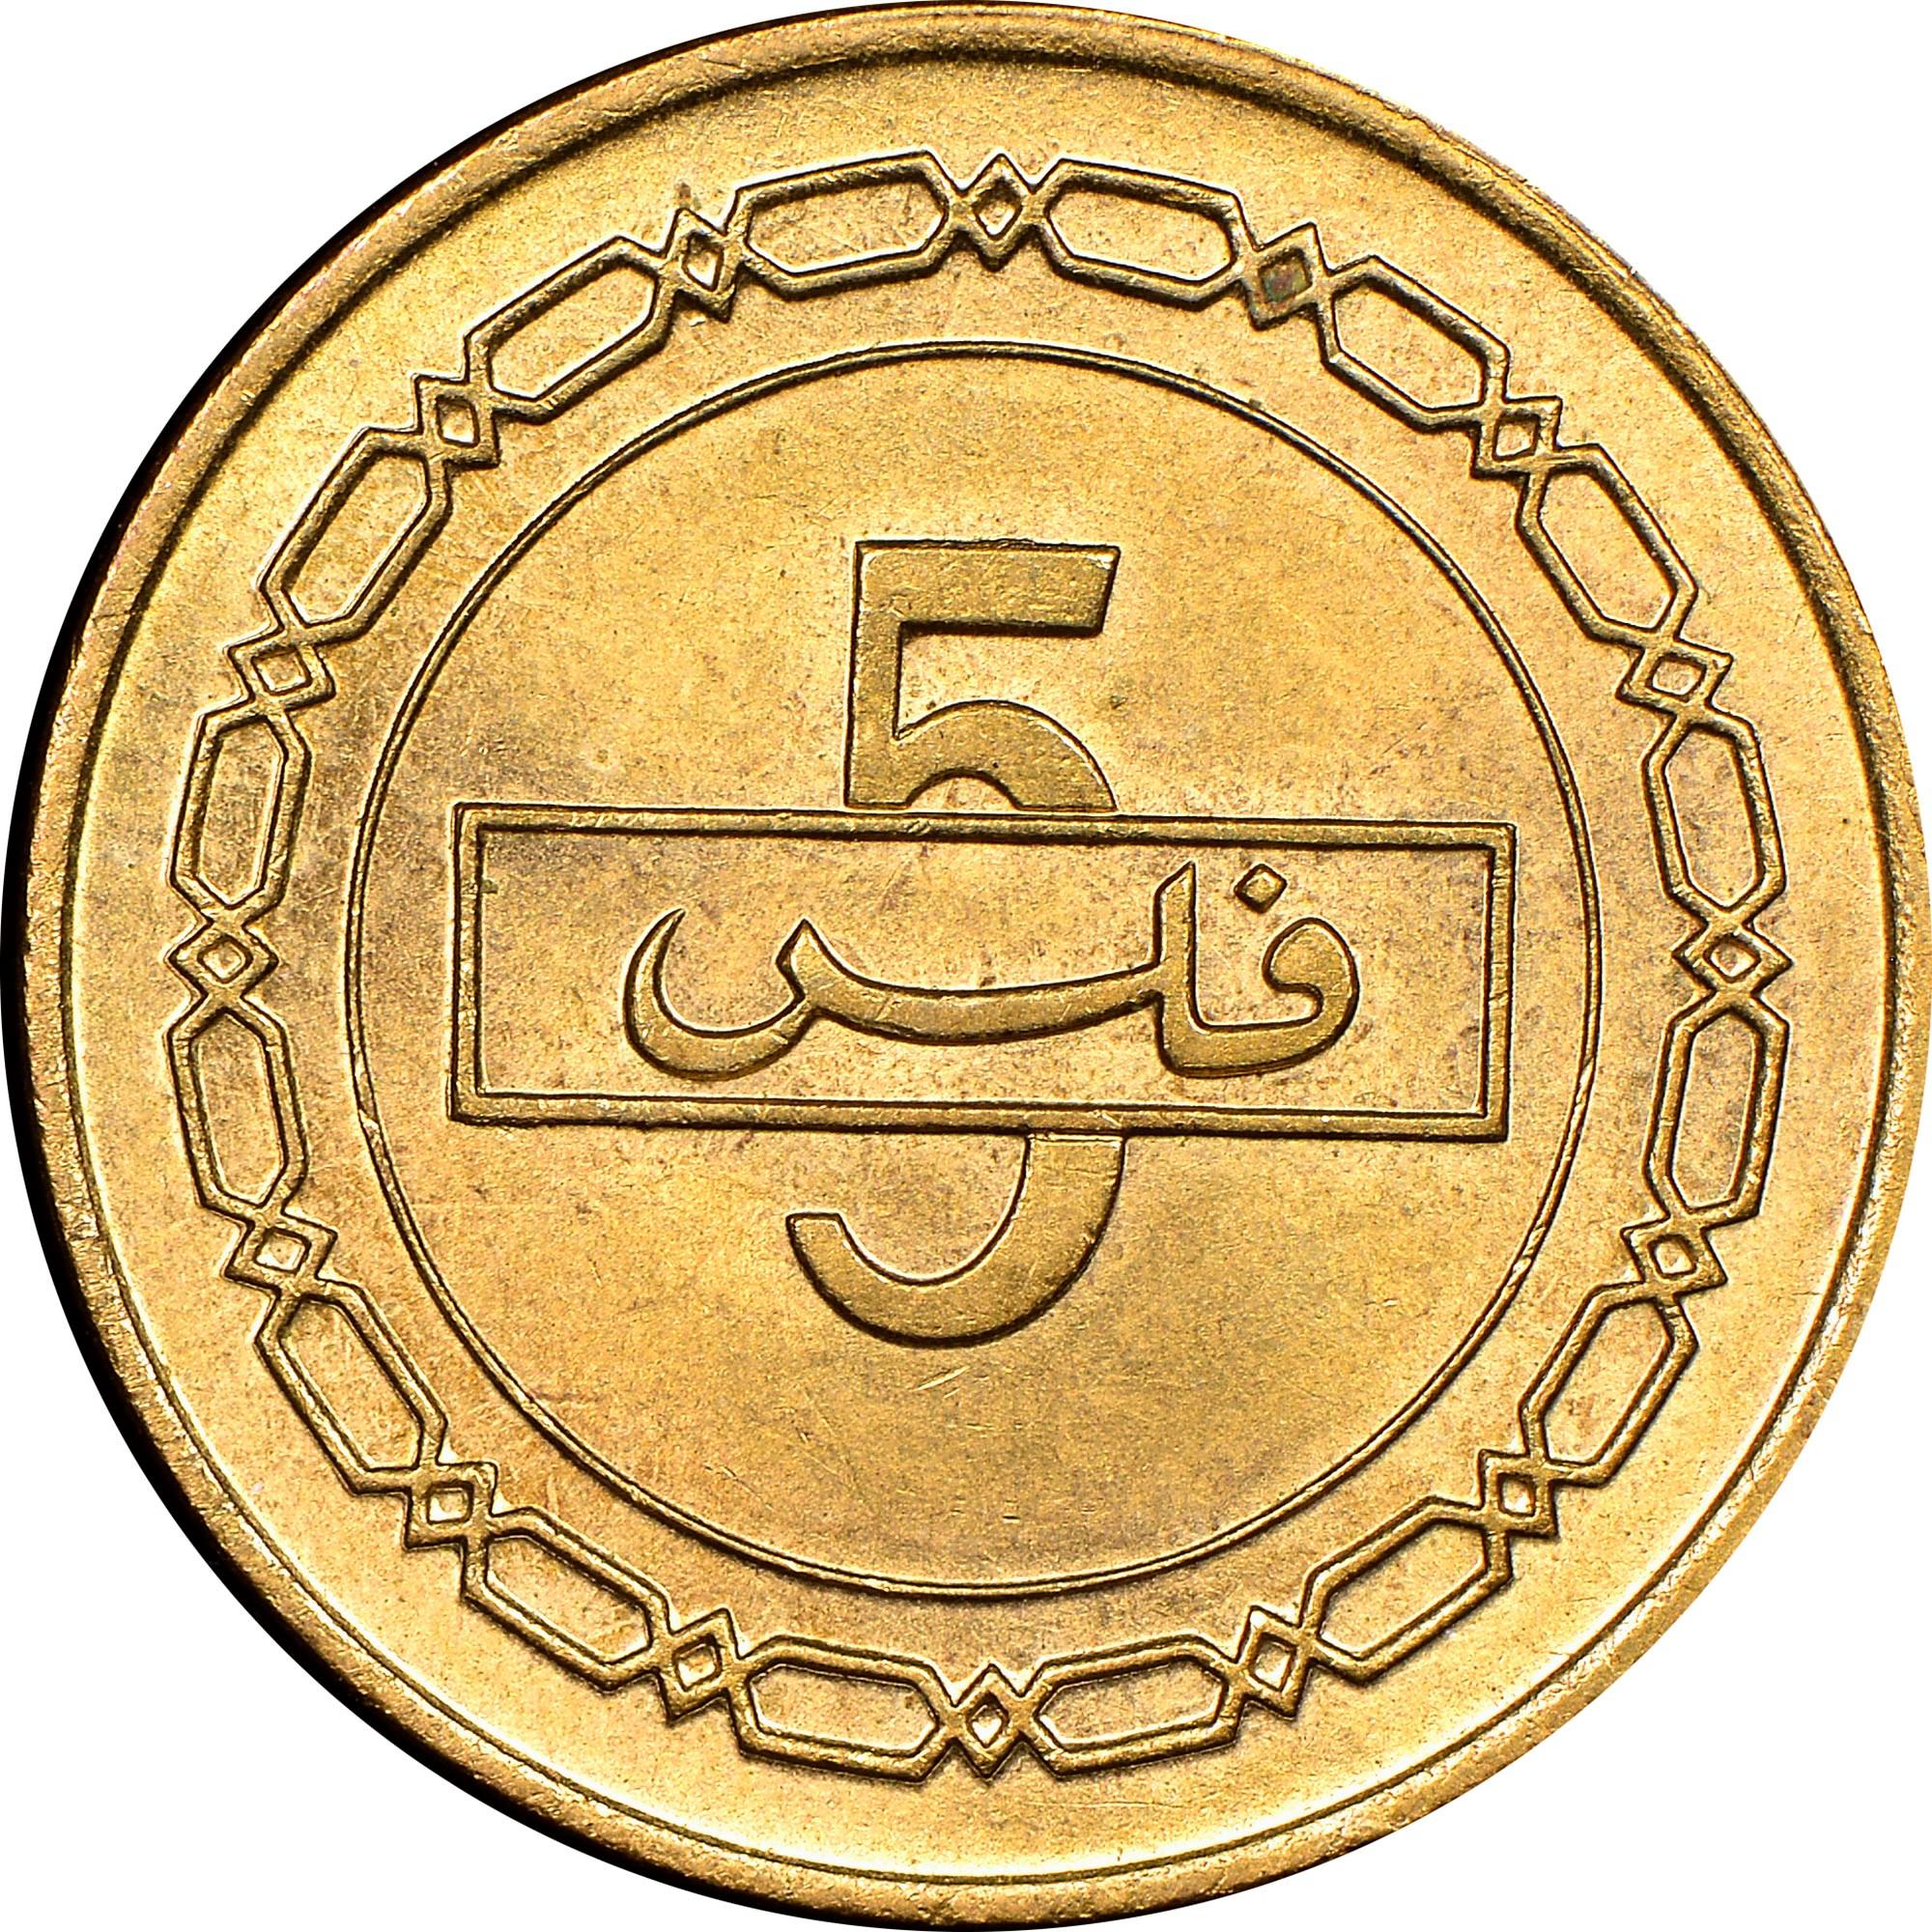 Bahrain 5 Fils reverse